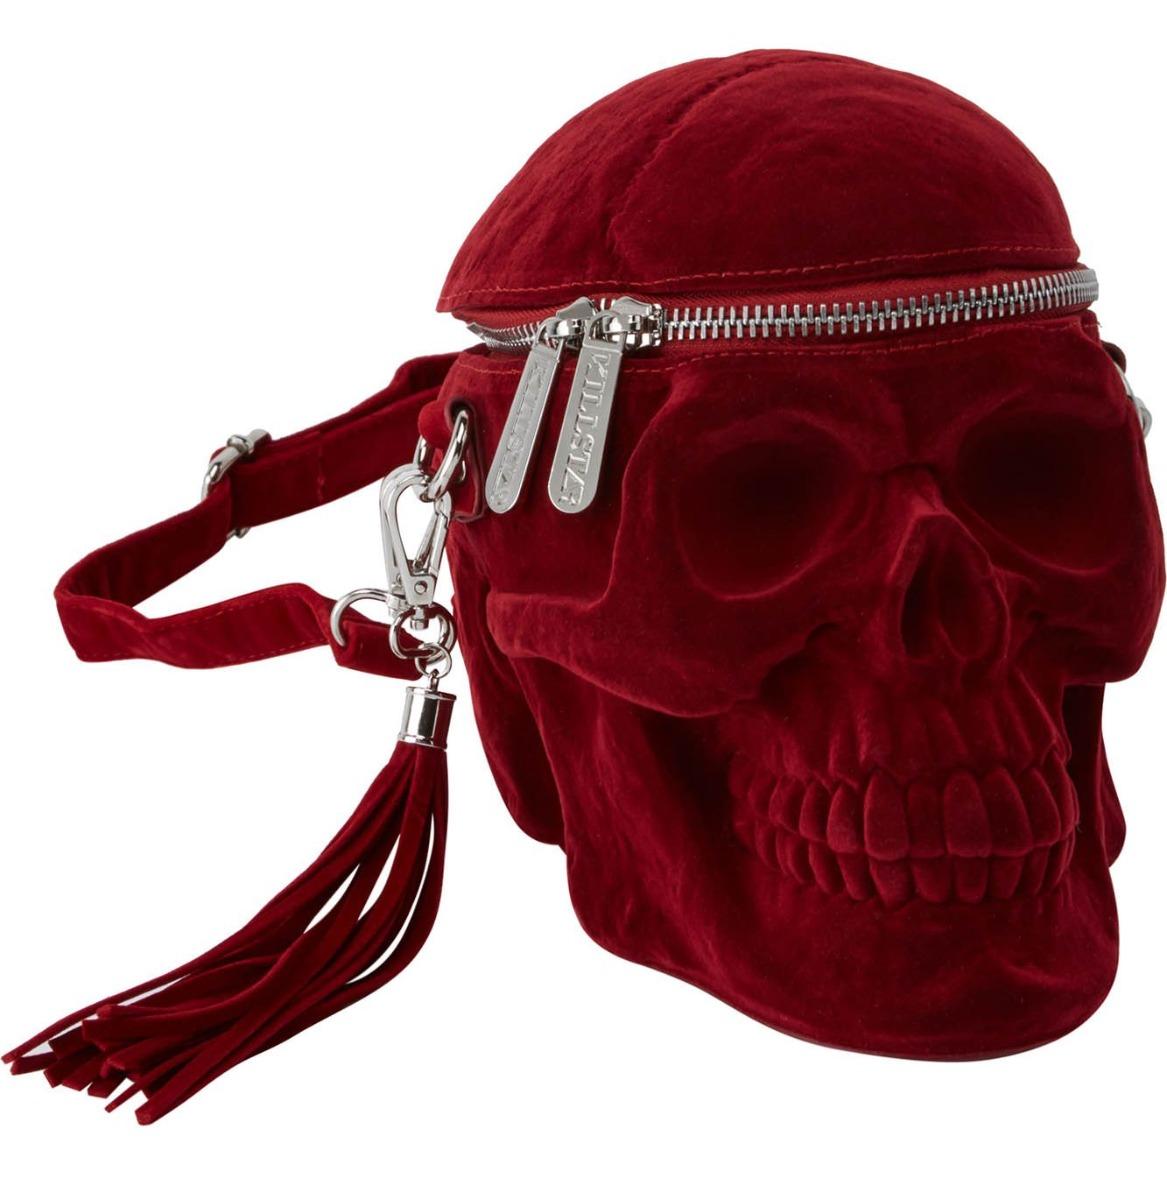 ks1500_sac-a-main-gothique-glam-rock-tete-de-mort-grave-digger-velvet-blood